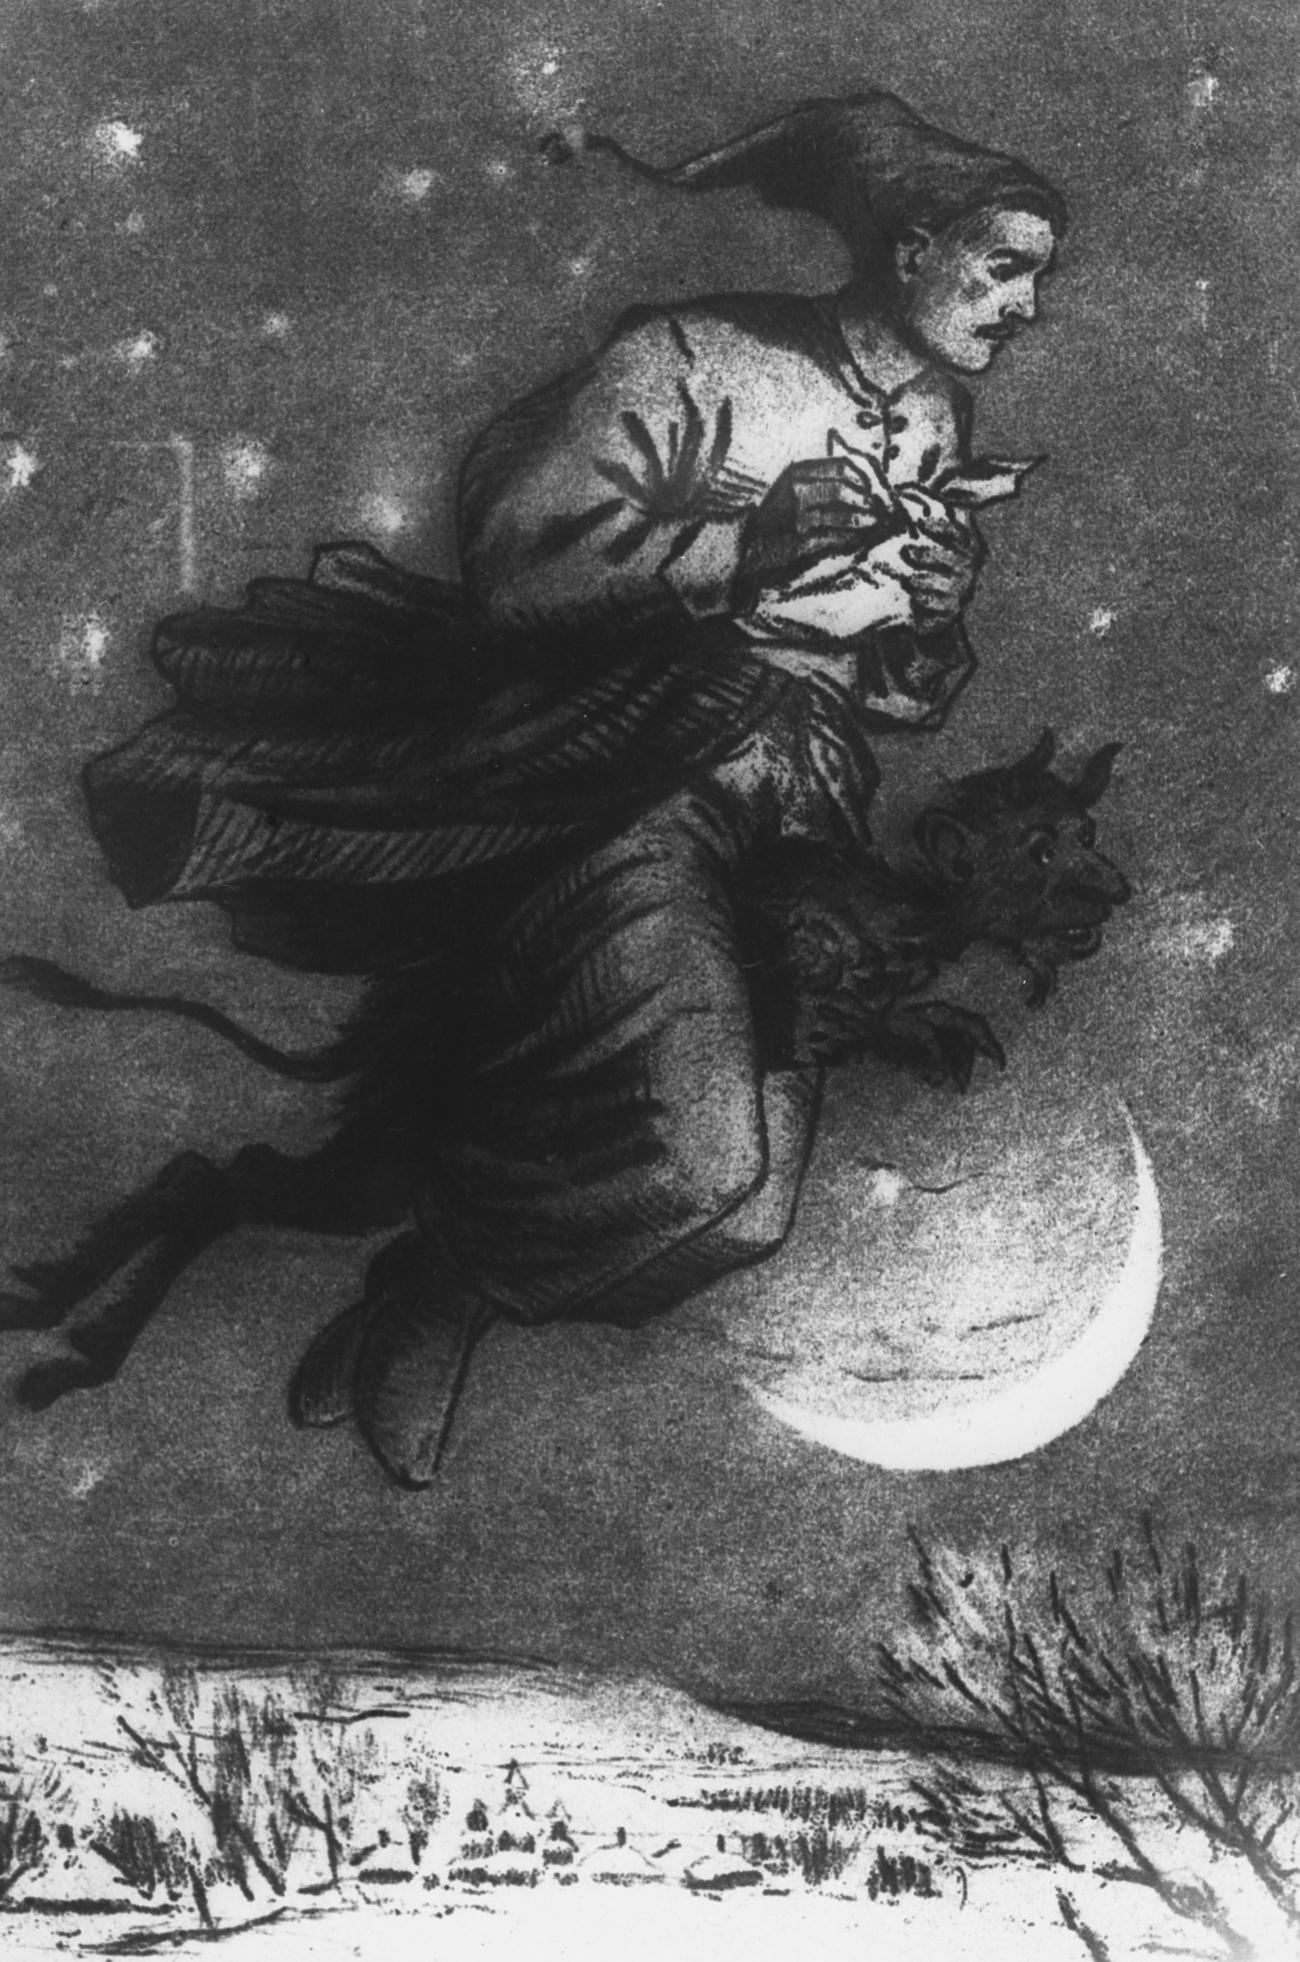 """Una illustrazione per il racconto """"La notte prima di Natale"""" di Gogol. Fonte: Dmitrij Chernov/TASS"""